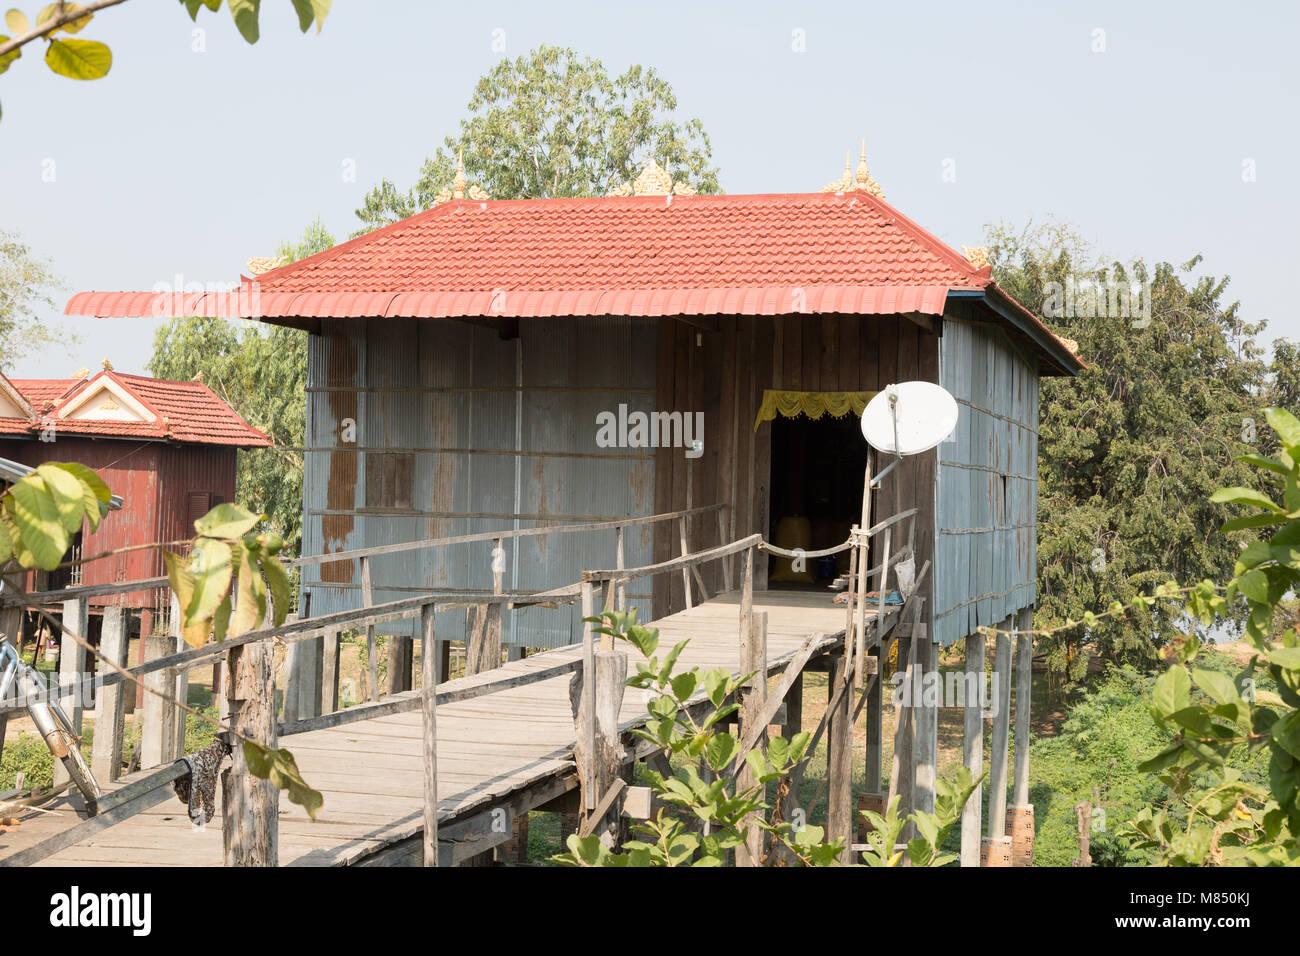 Maison typique dans les régions rurales du Cambodge Le Cambodge, avec la parabole, Kampong Cham, Cambodge Asie Photo Stock